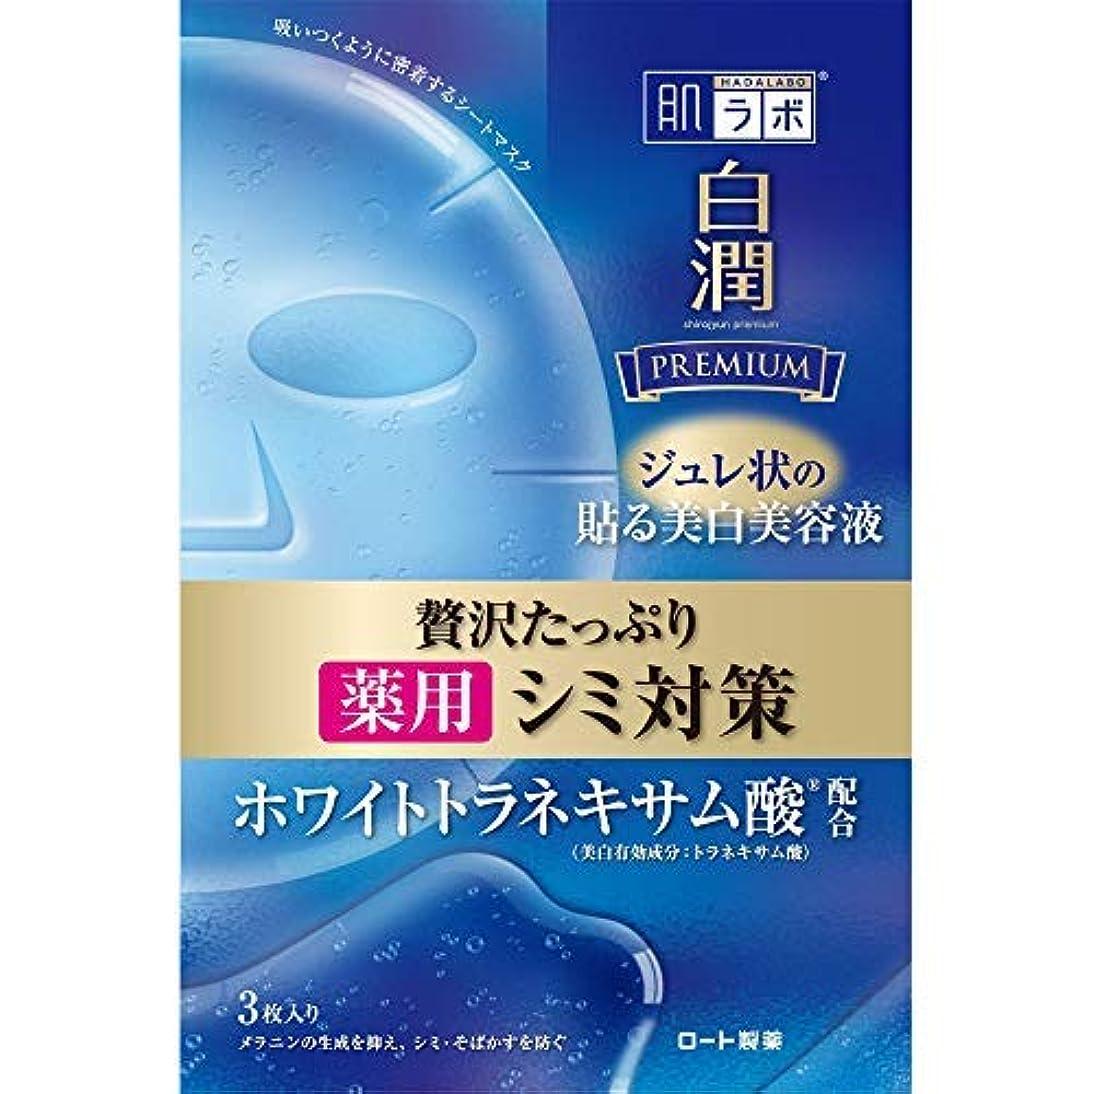 運動する後者発生する肌ラボ 白潤プレミアム 薬用浸透美白ジュレマスク × 4個セット